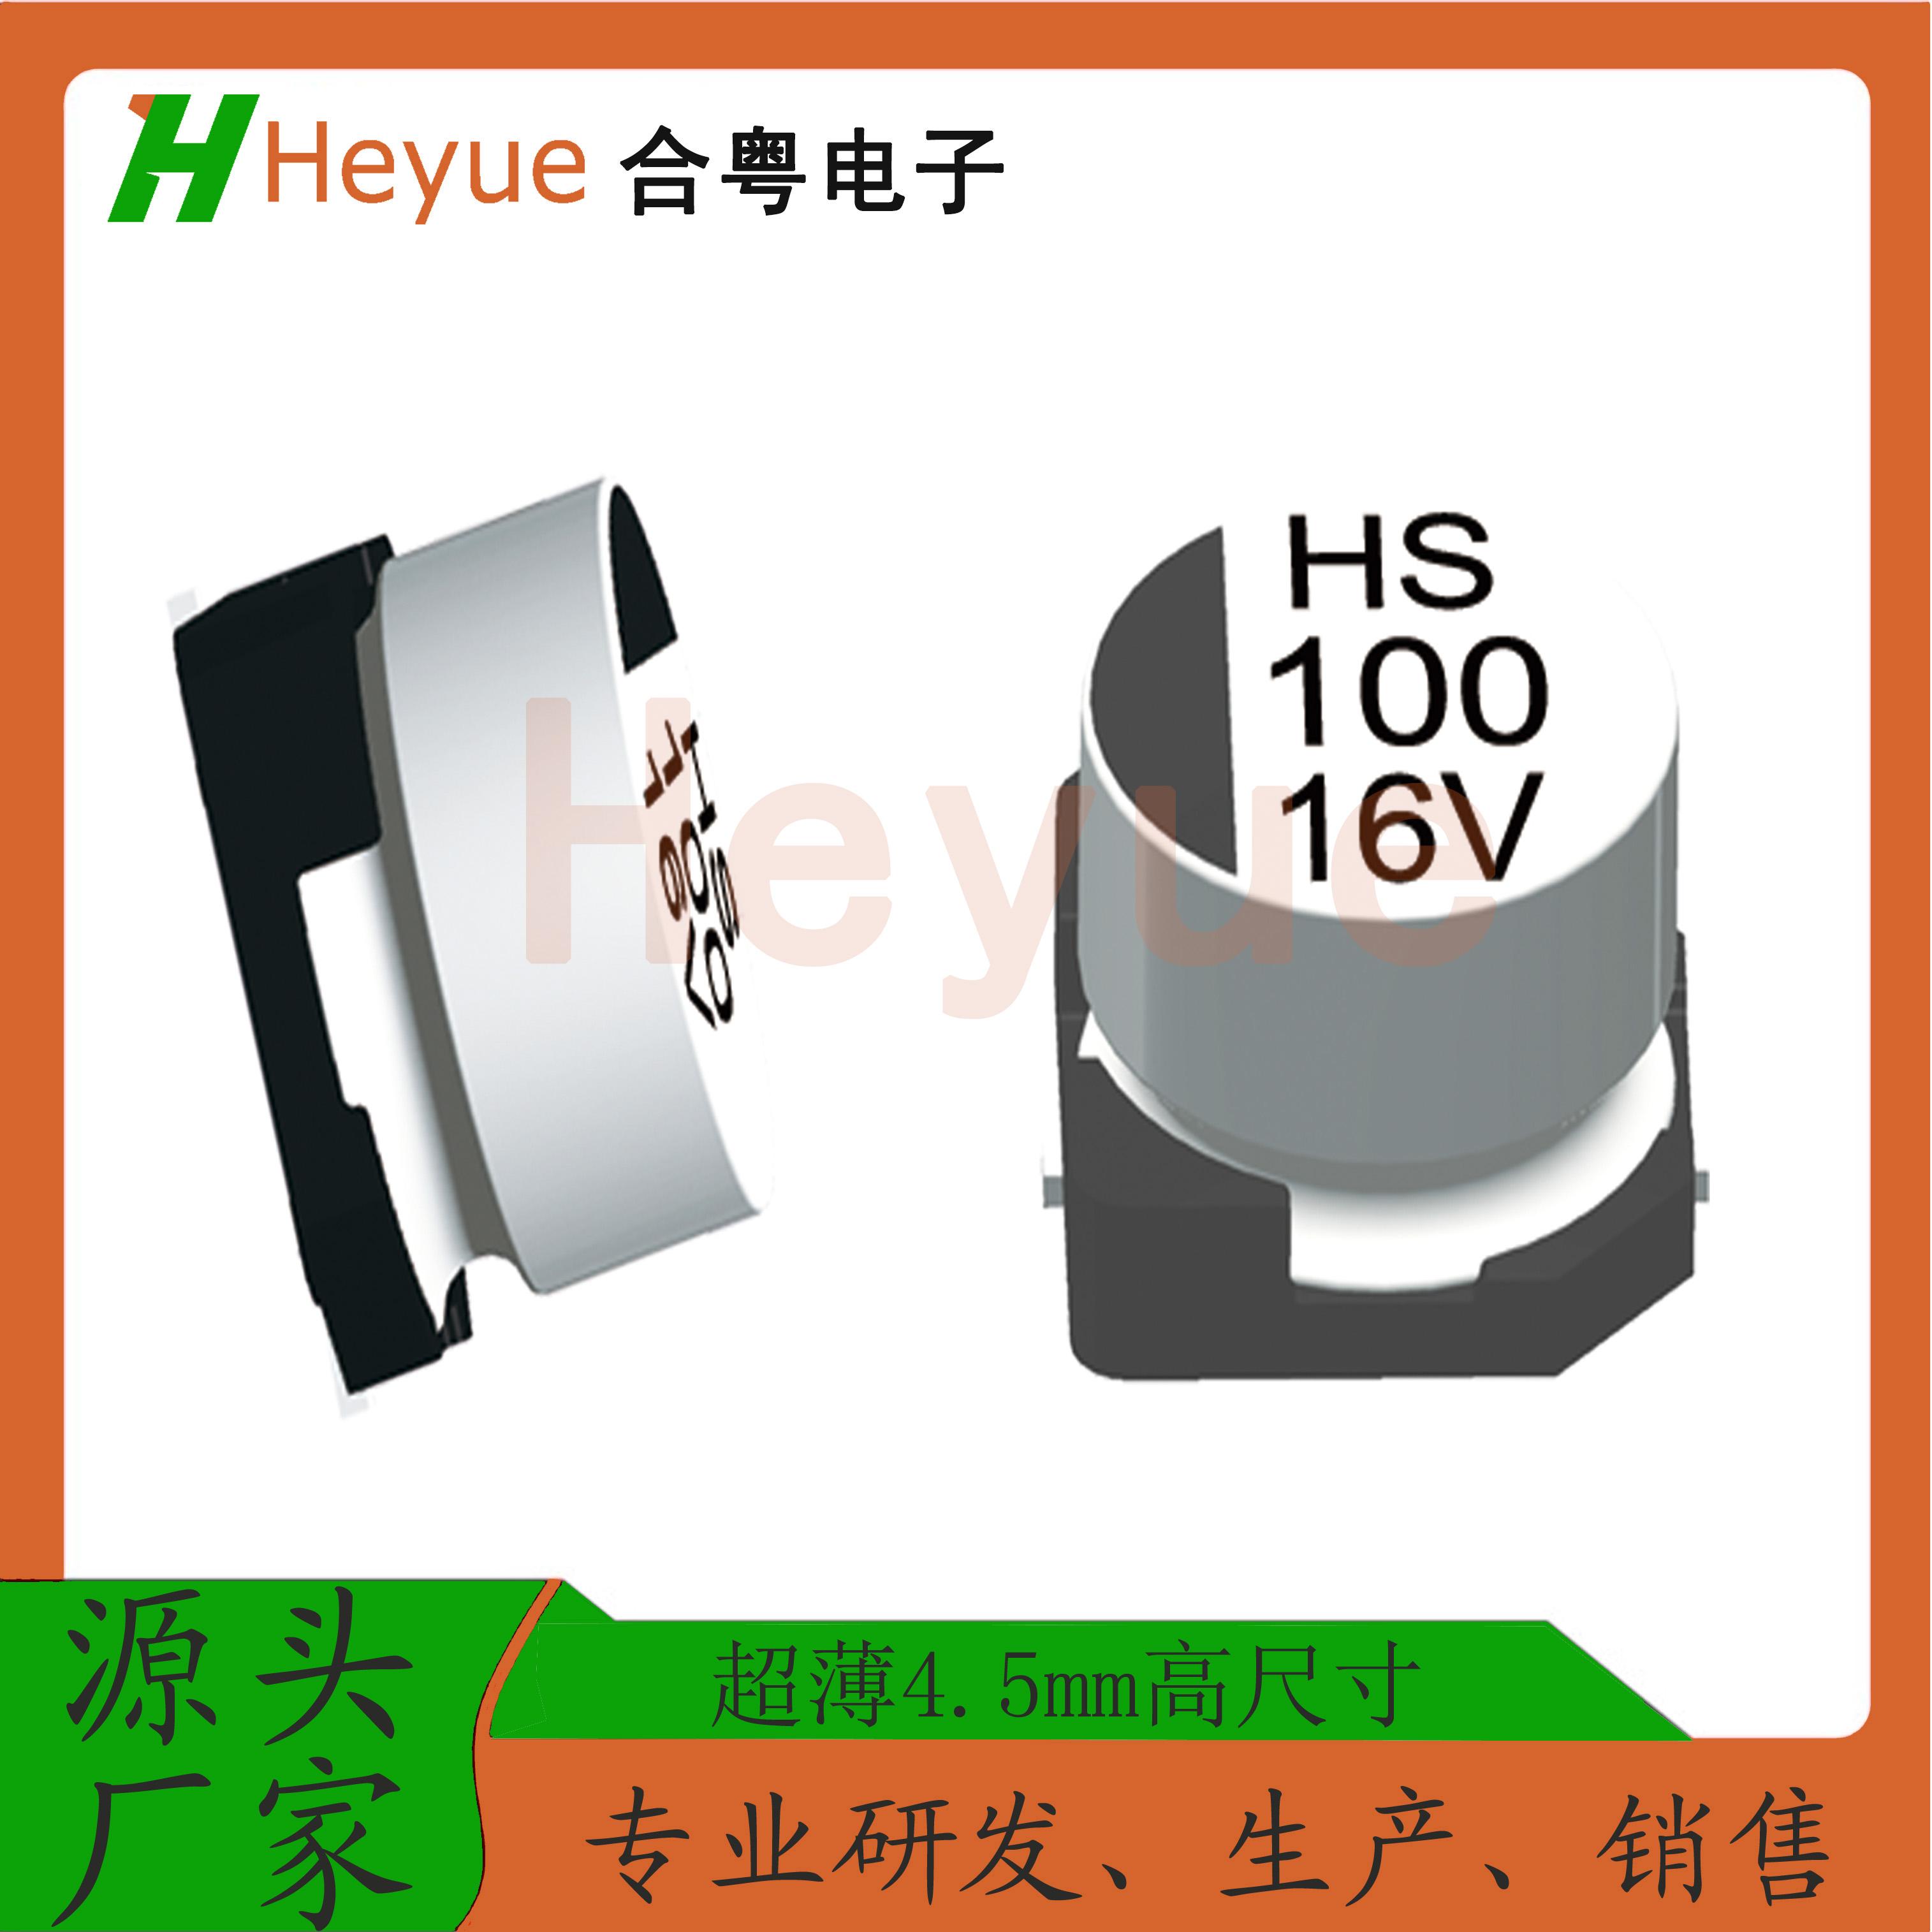 固液混合铝电解电容的特点是什么,它有哪些优势